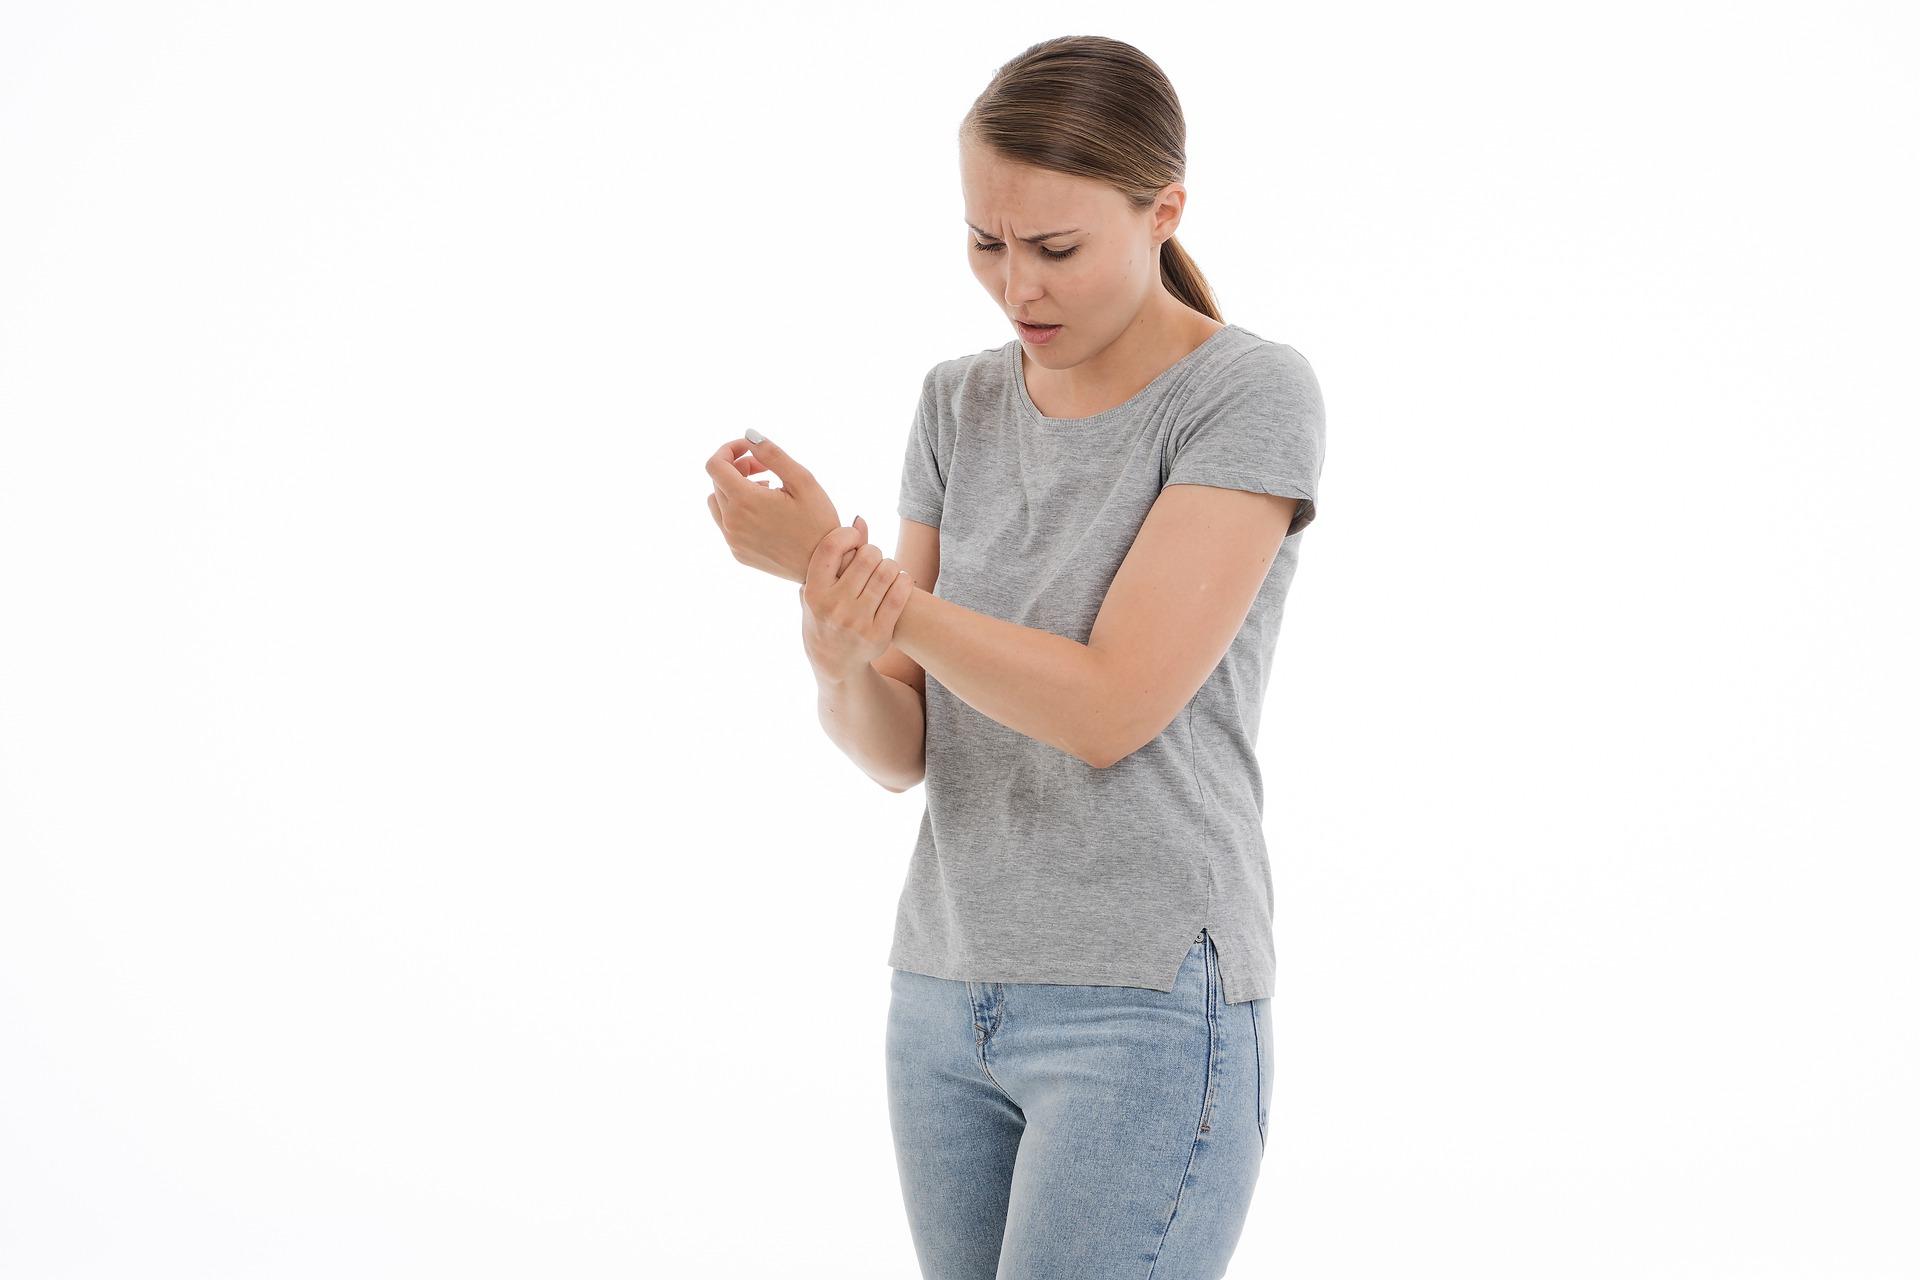 מהם כאבי פרקים ואיך אפשר להימנע מהם?